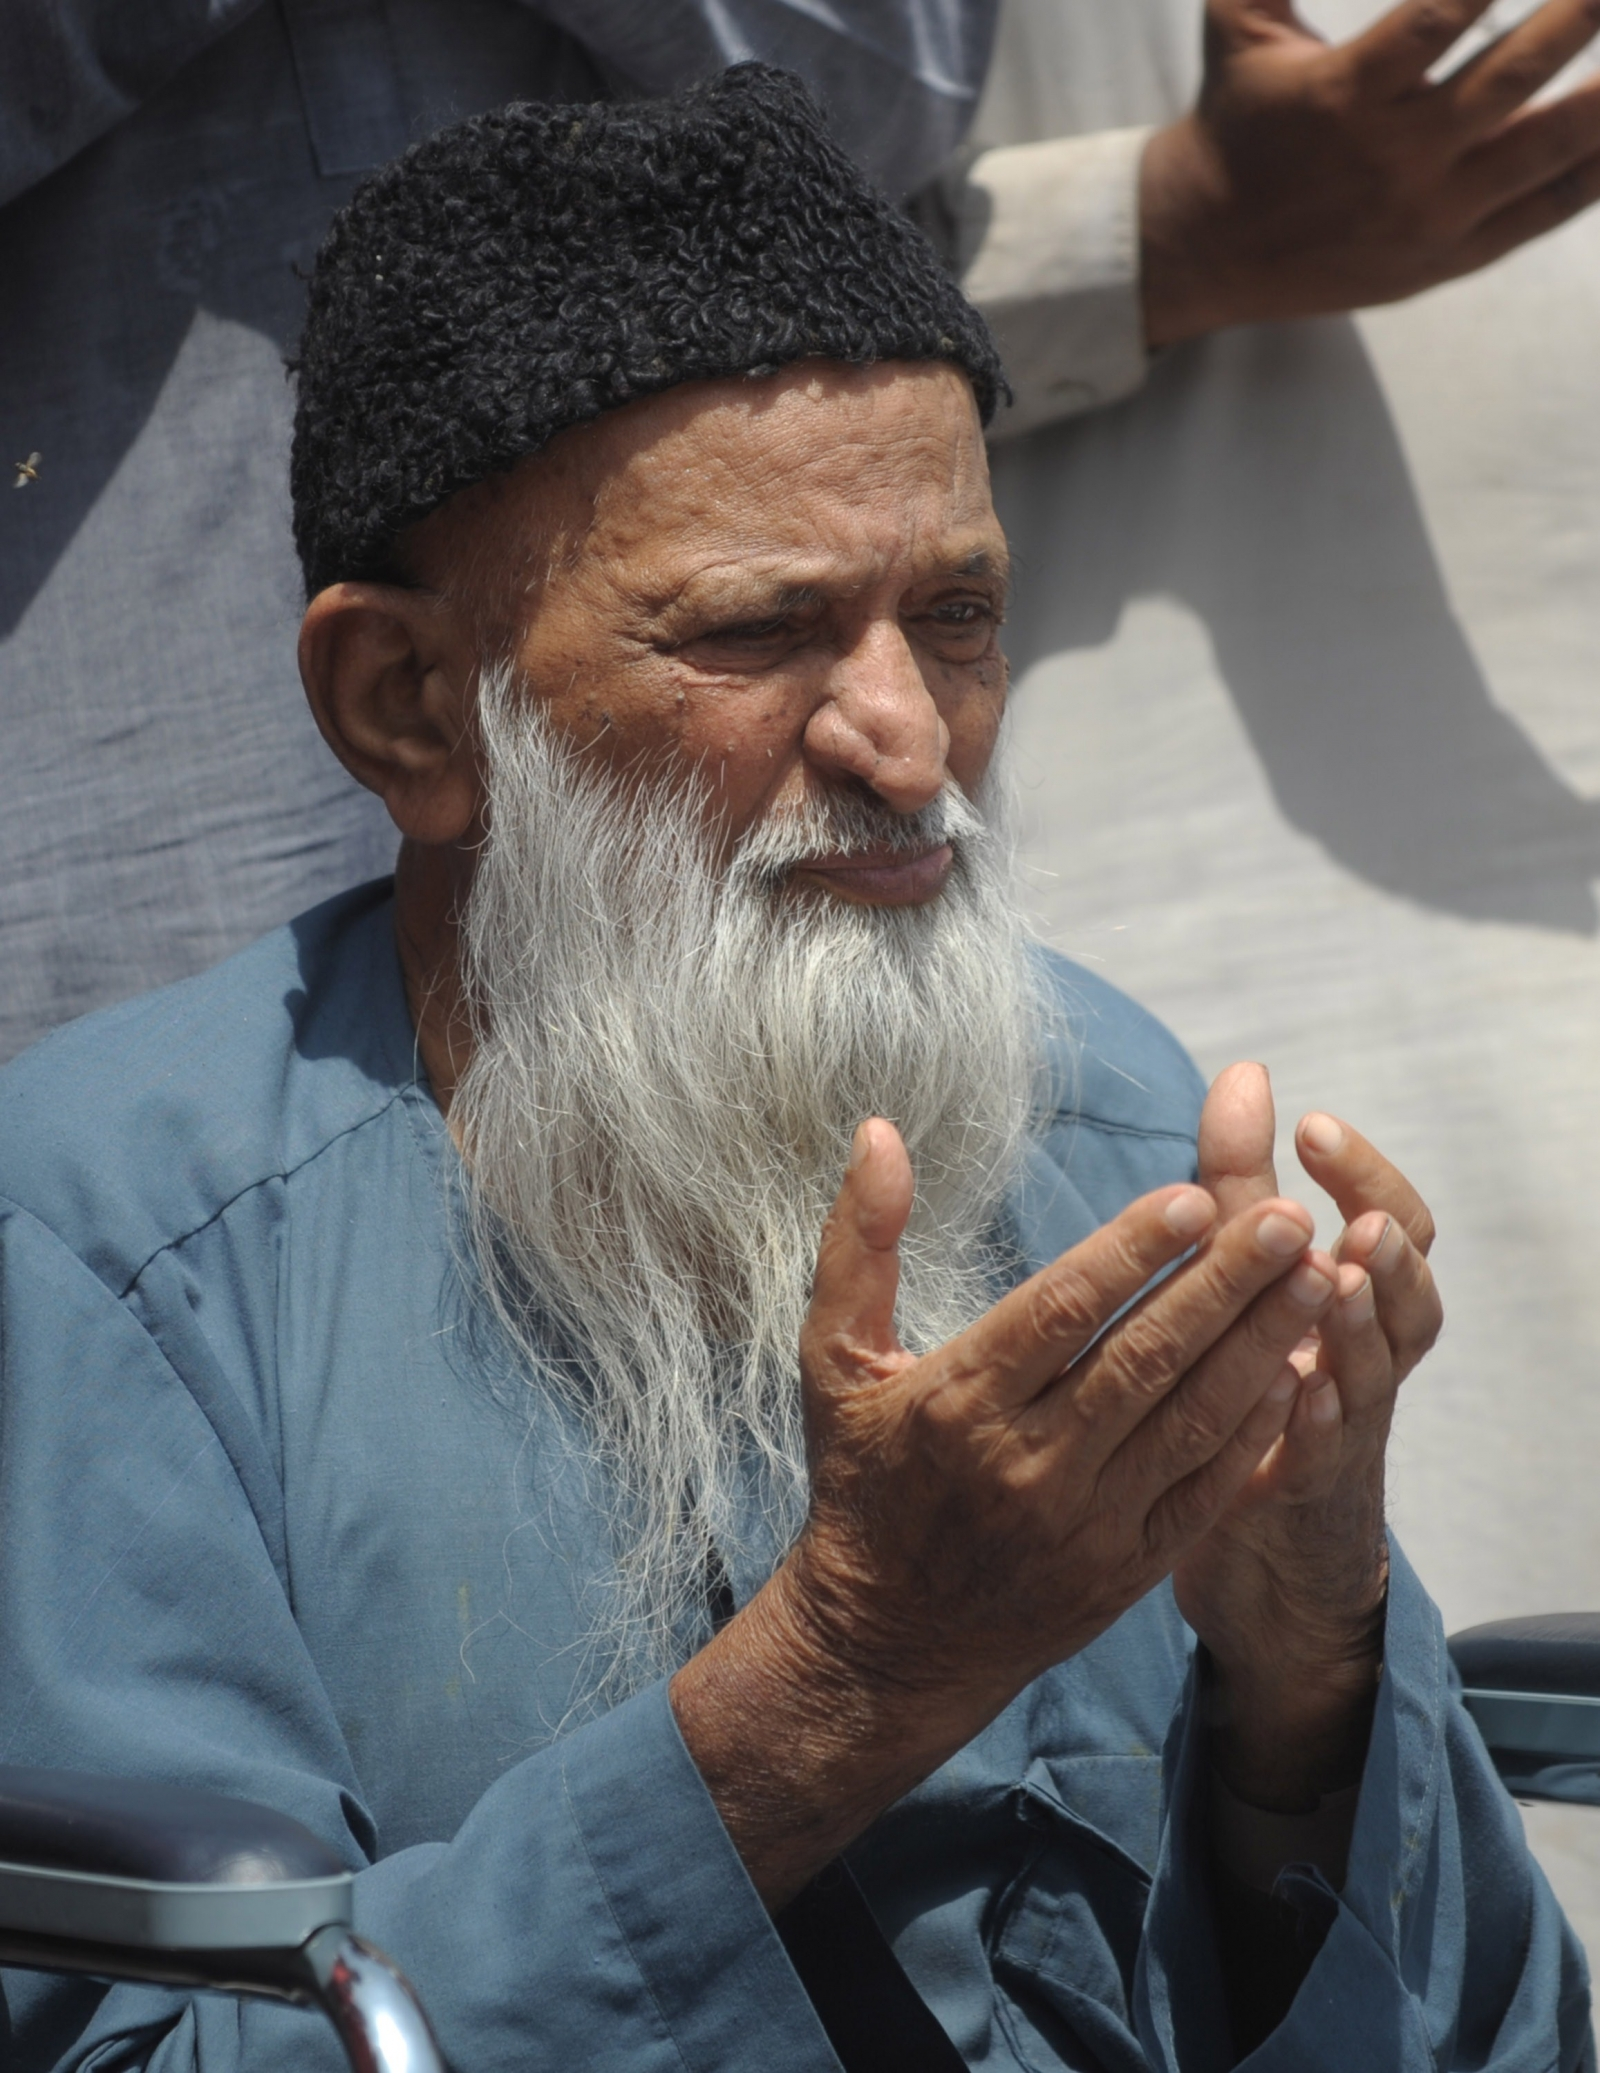 Pakistan's famous philanthropist Abdul Sattar Edhi